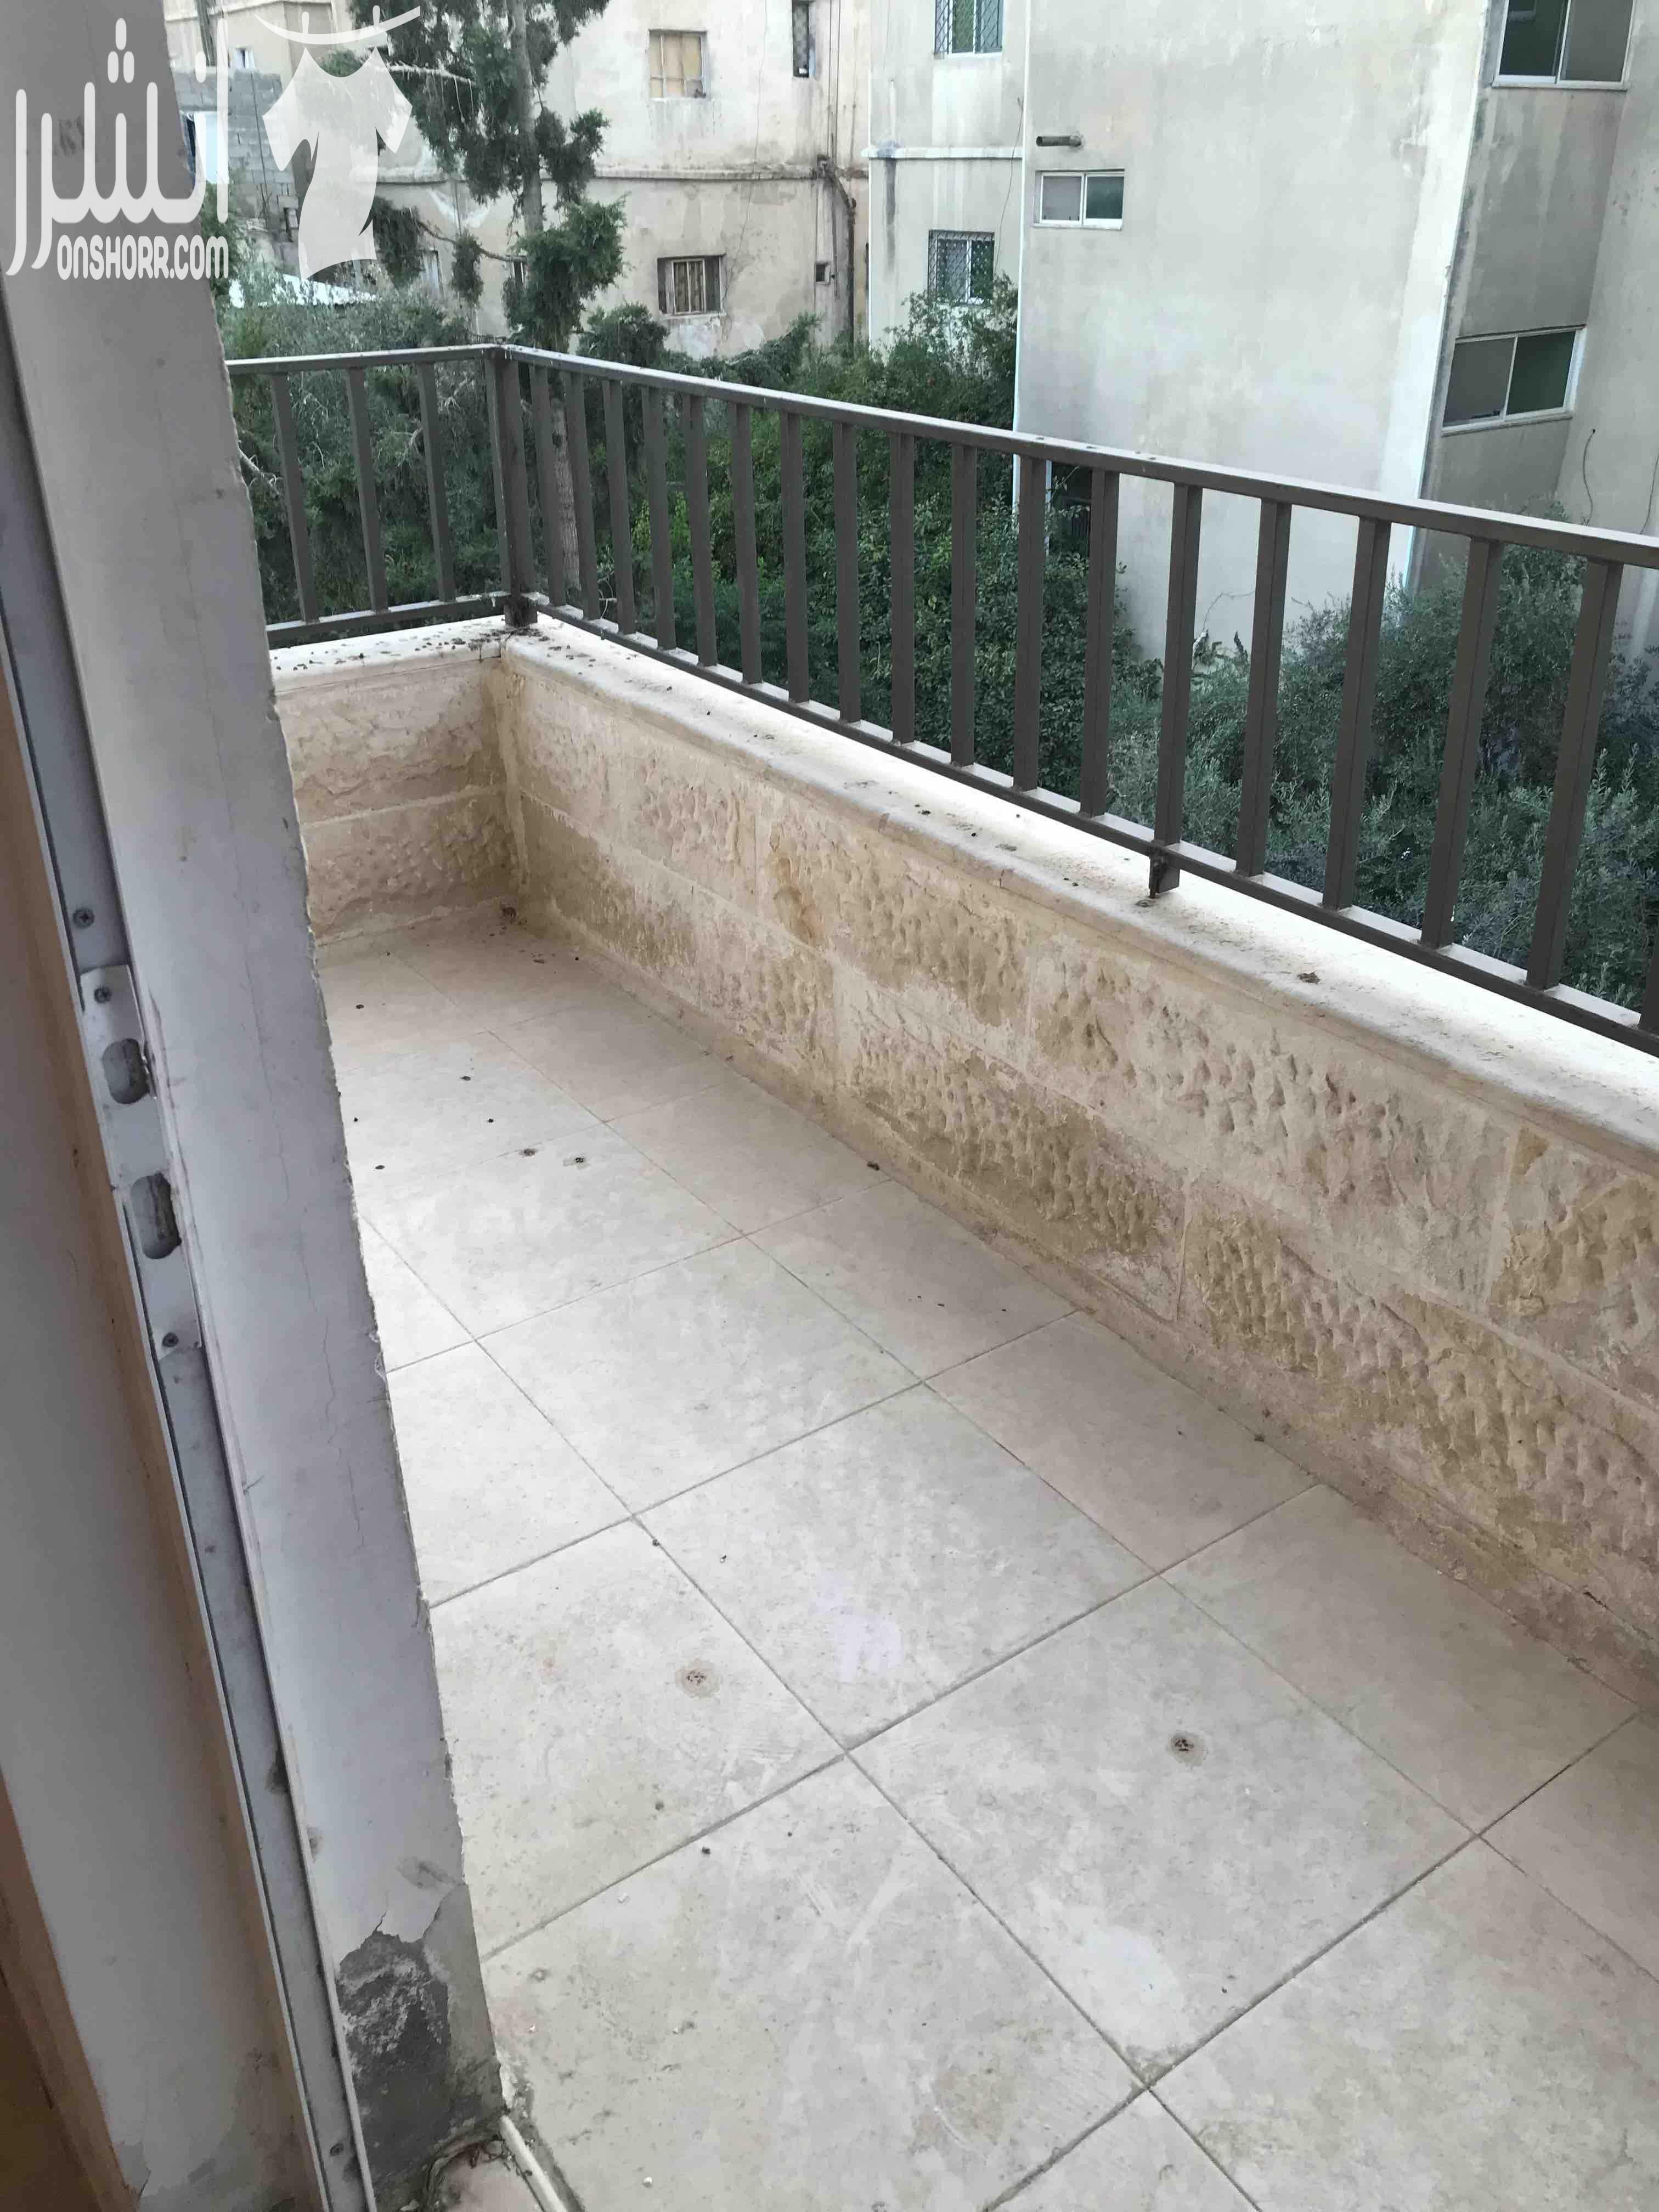 شقة غرفة وصاله للبيع بالقسط بعرض مميز-  شقة 100 متر في جبل النصر...